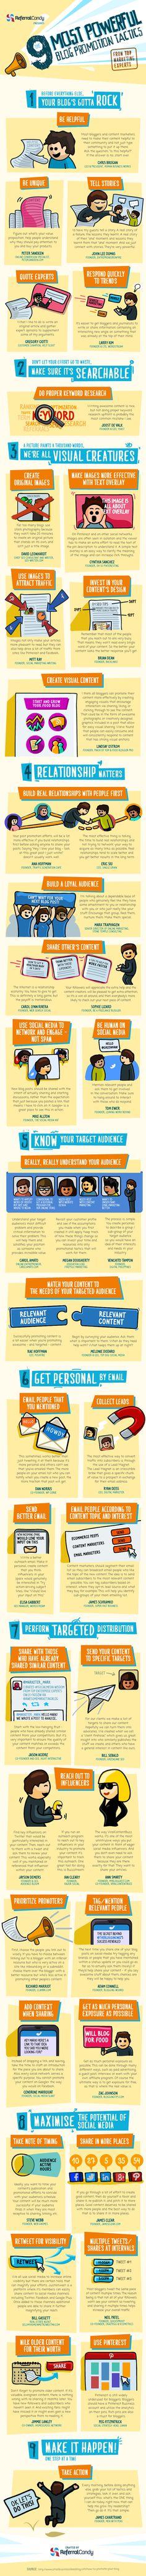 Táticas para promover o seu blog